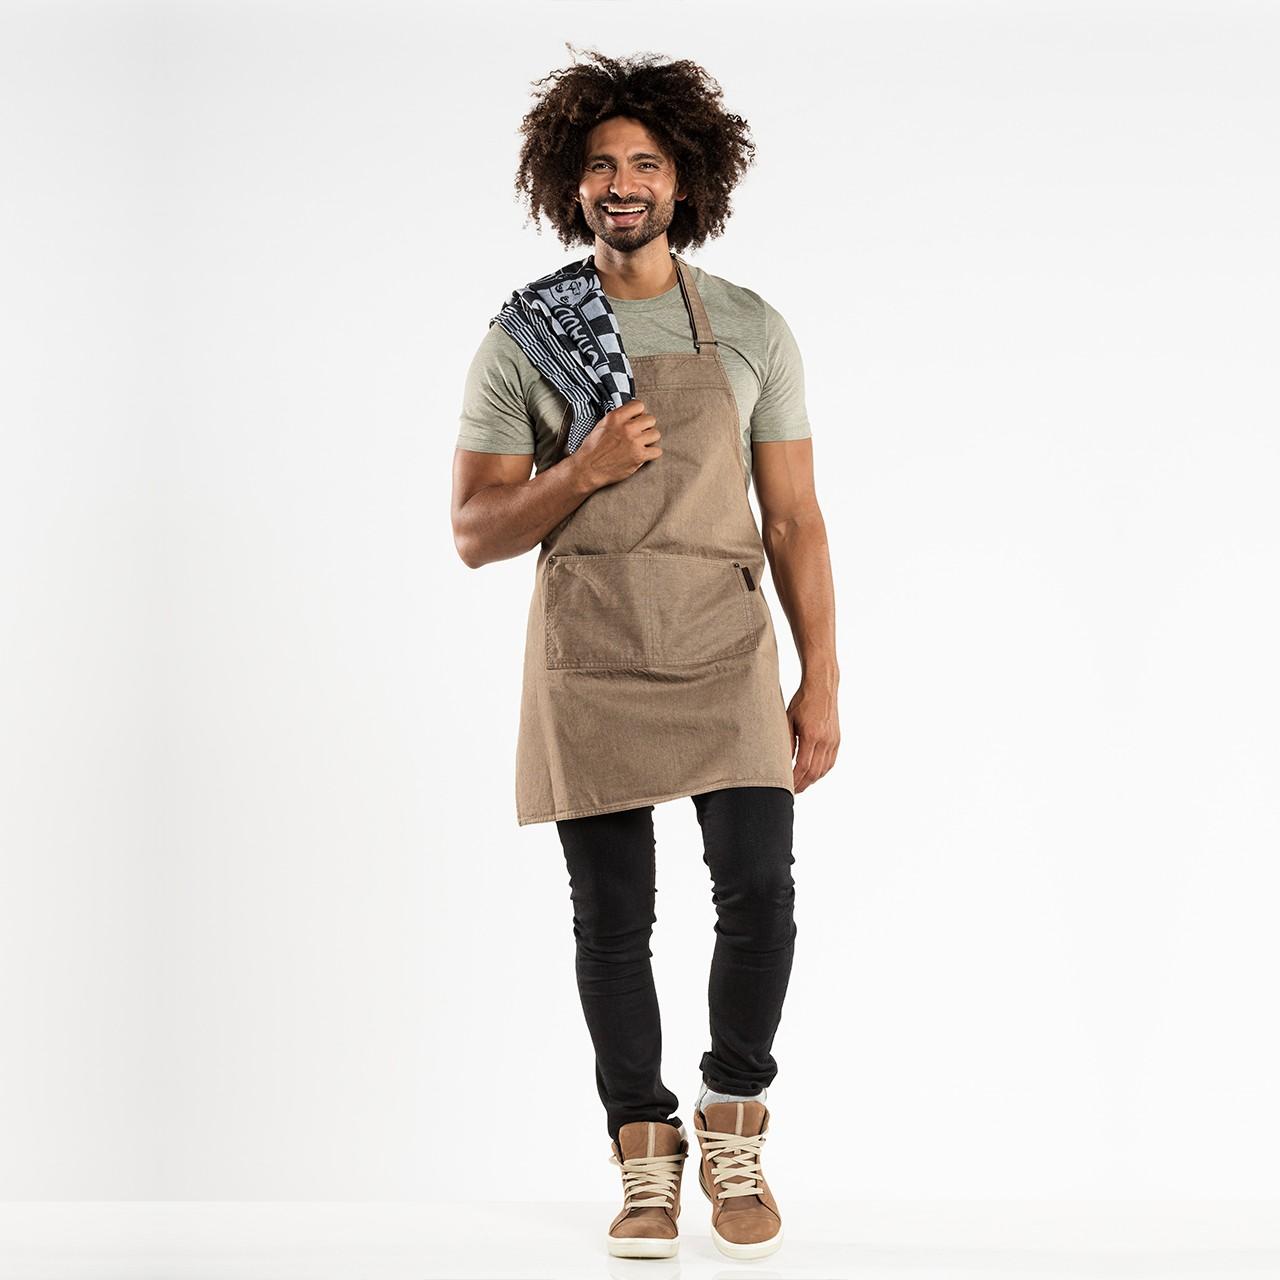 Jeans Latzschürze Base Chaud Devant® | bedrucken, besticken, bedrucken lassen, besticken lassen, mit Logo |